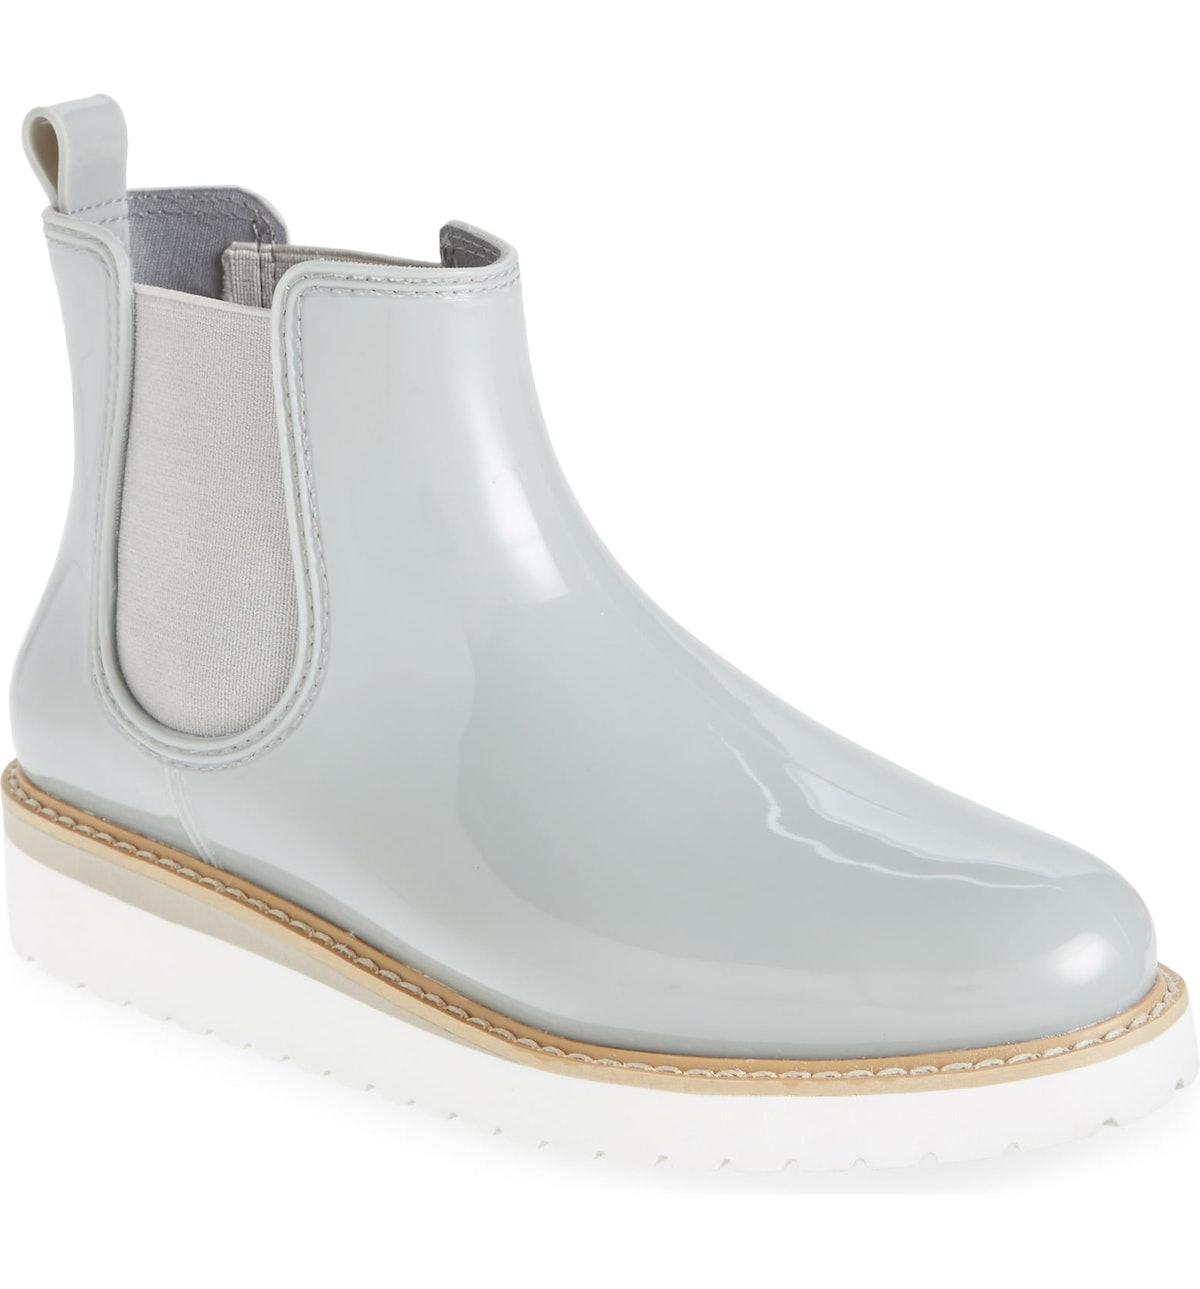 Kensington Chelsea Rain Boot COUGAR